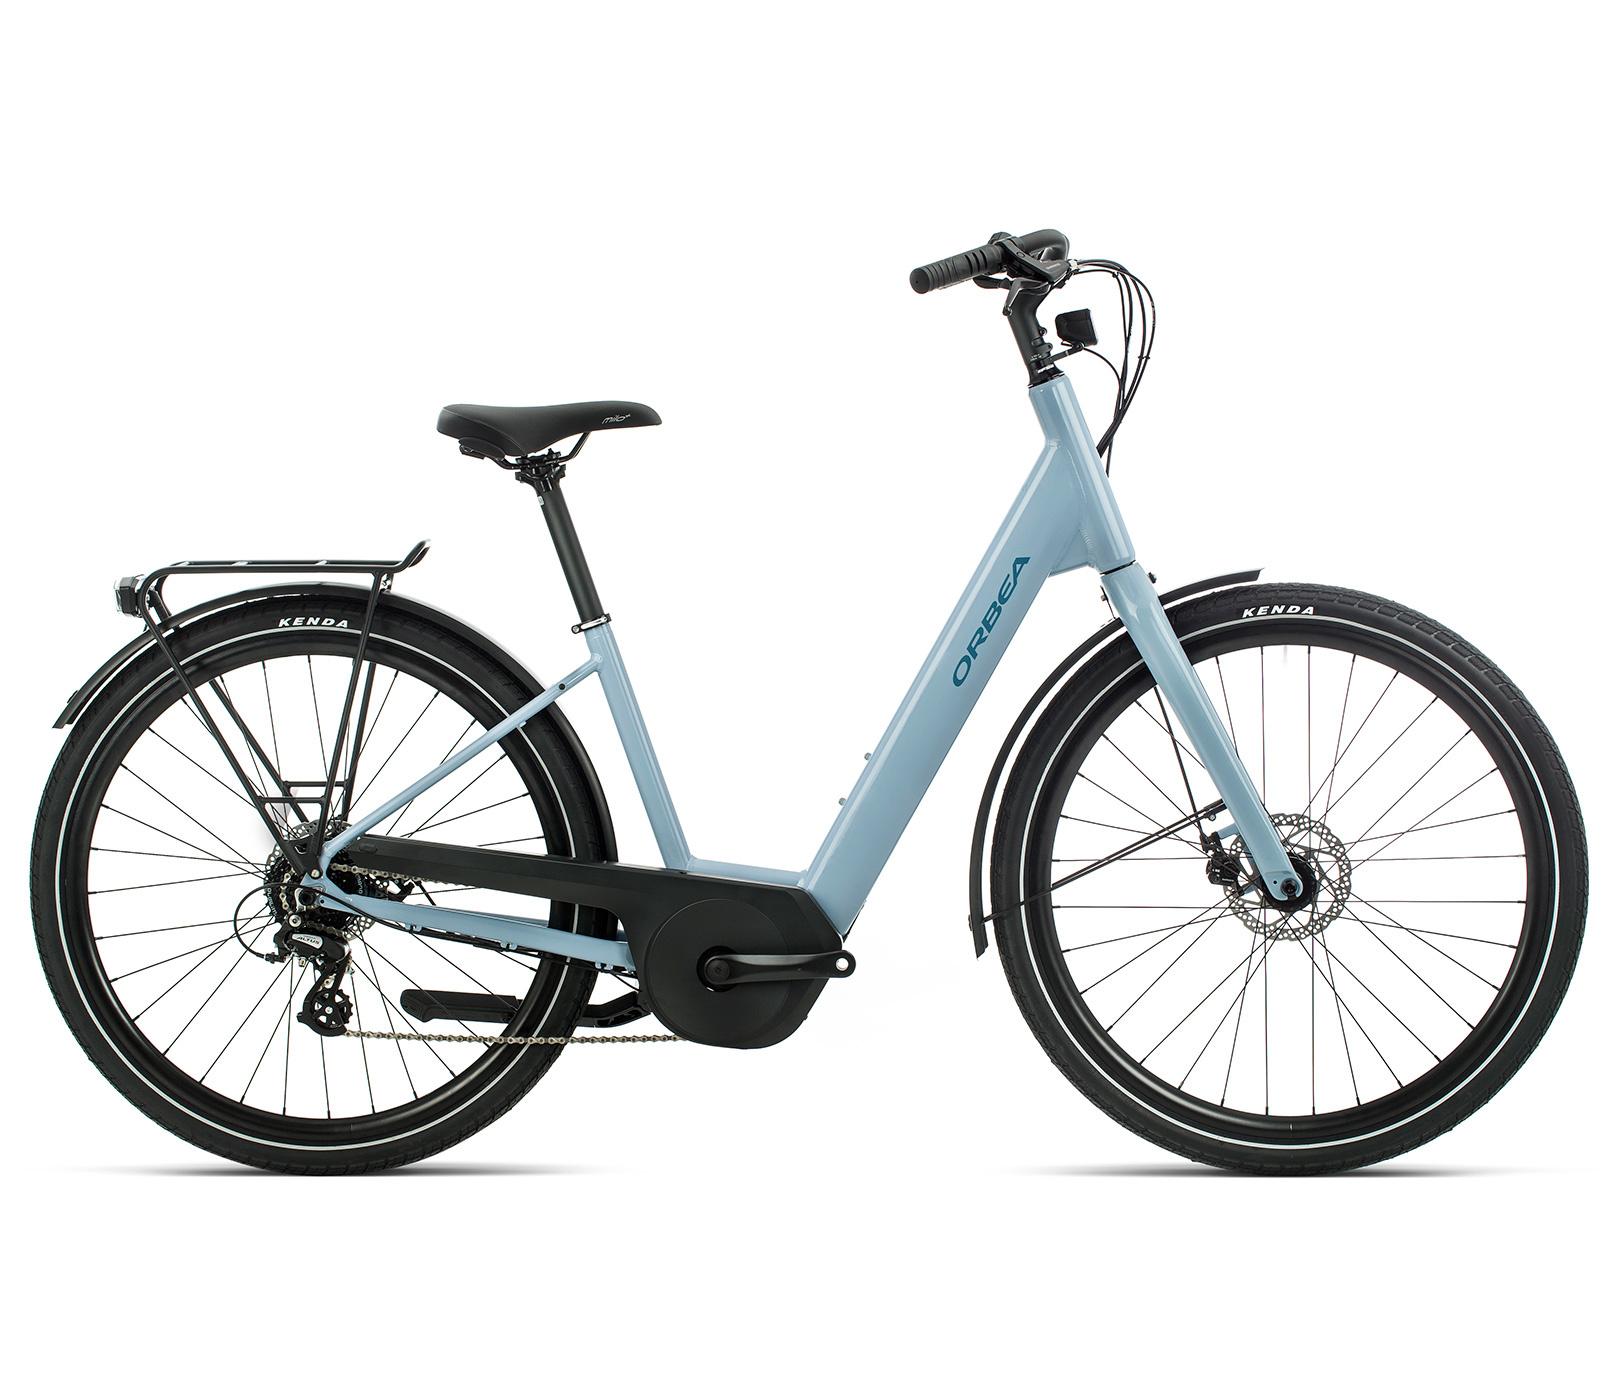 Orbea Optima E50 City E-bike